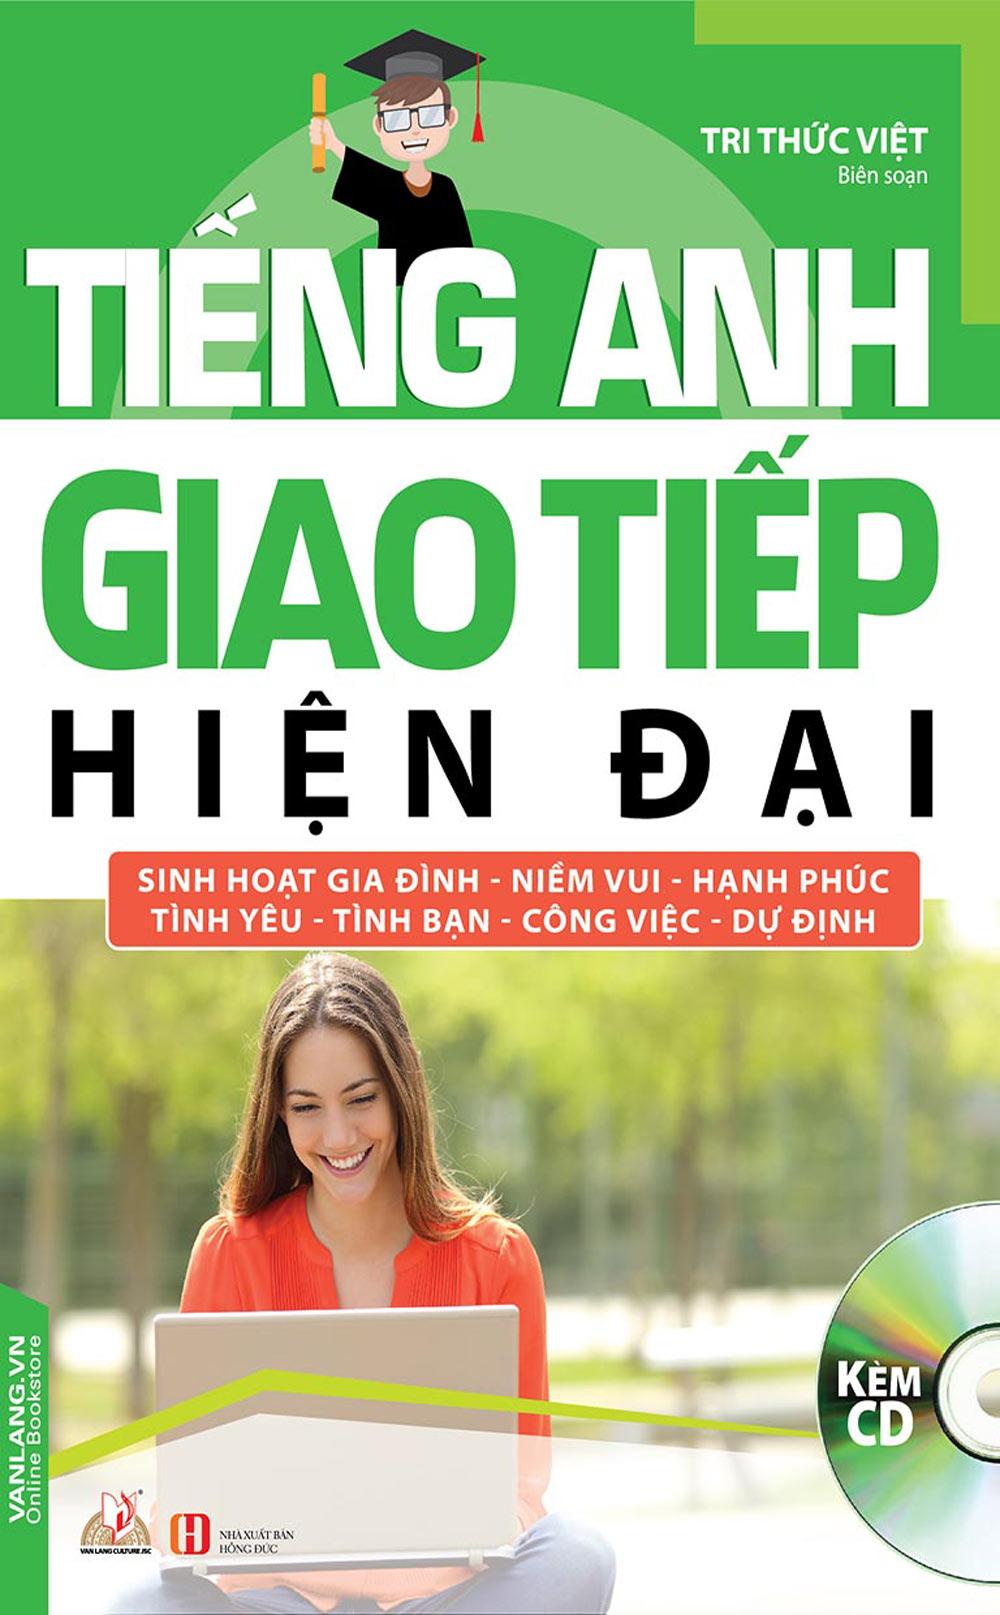 Tiếng Anh Giao Tiếp Hiện Đại - Sinh Hoạt Gia Đình (Kèm CD) - EBOOK/PDF/PRC/EPUB